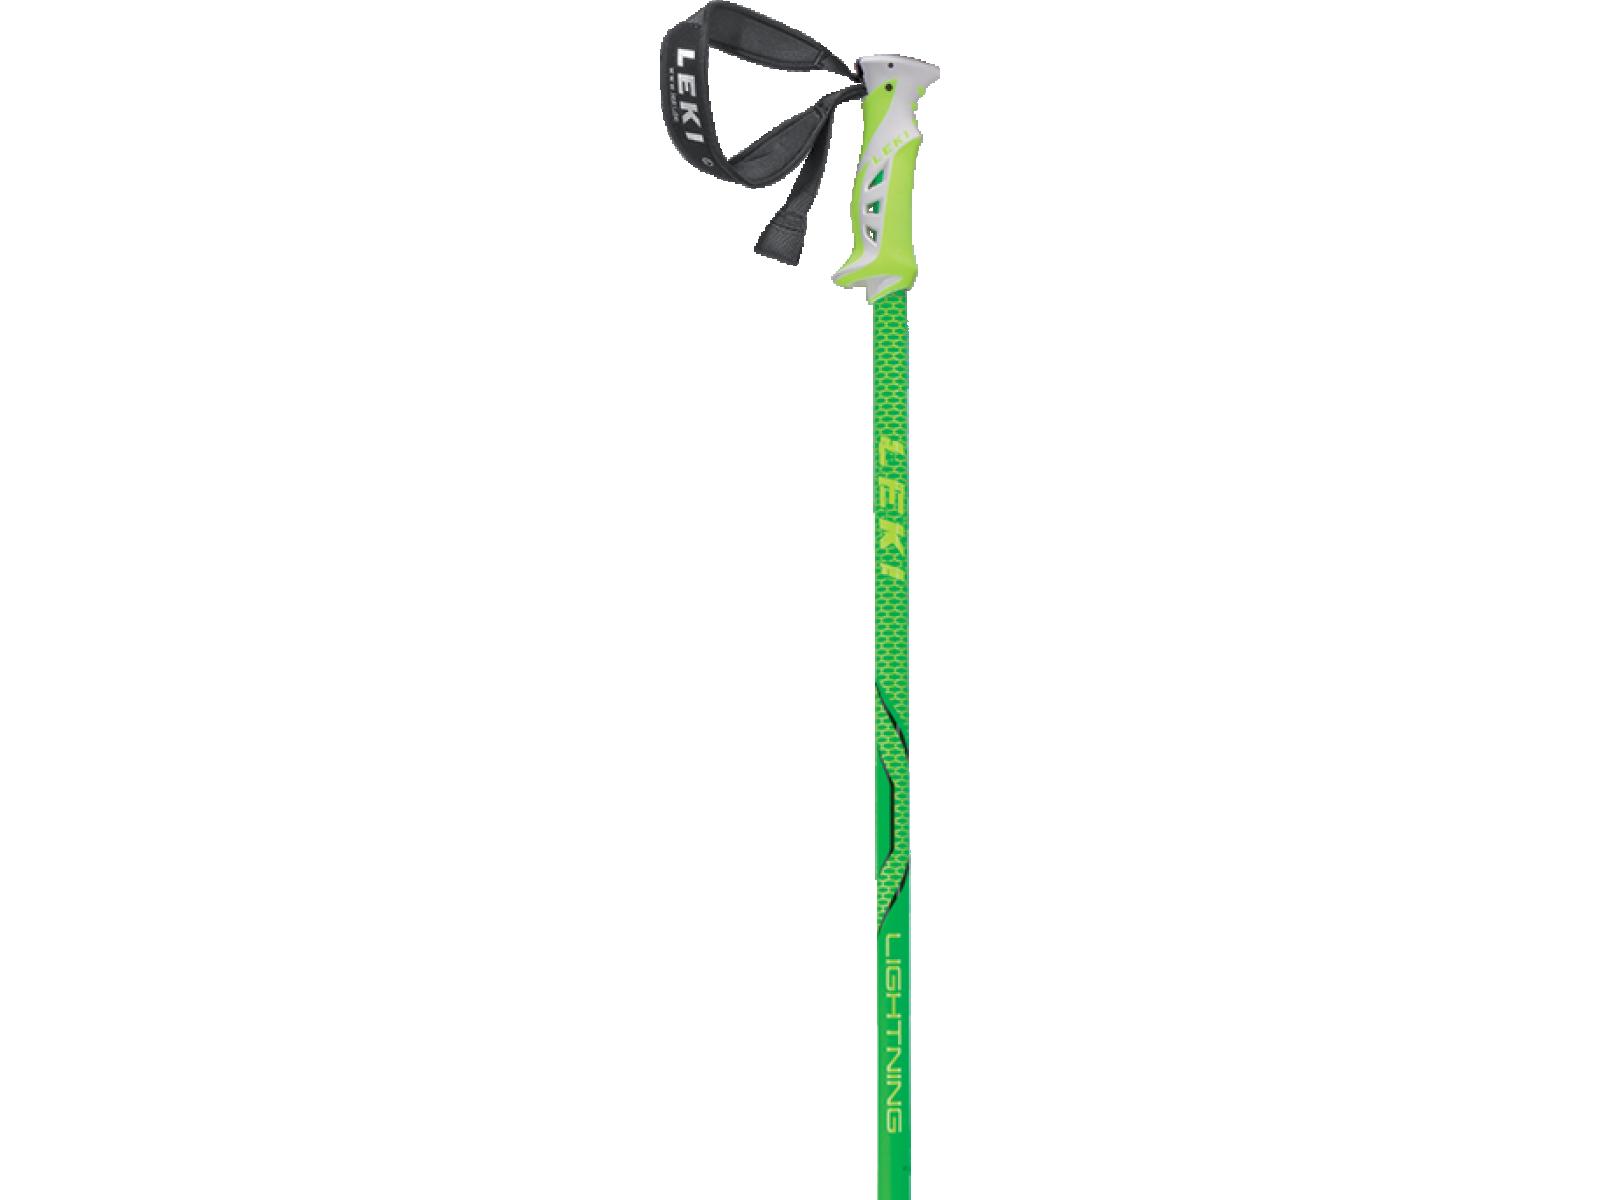 Leki Lightning Délka holí: 120 cm 2017/2018